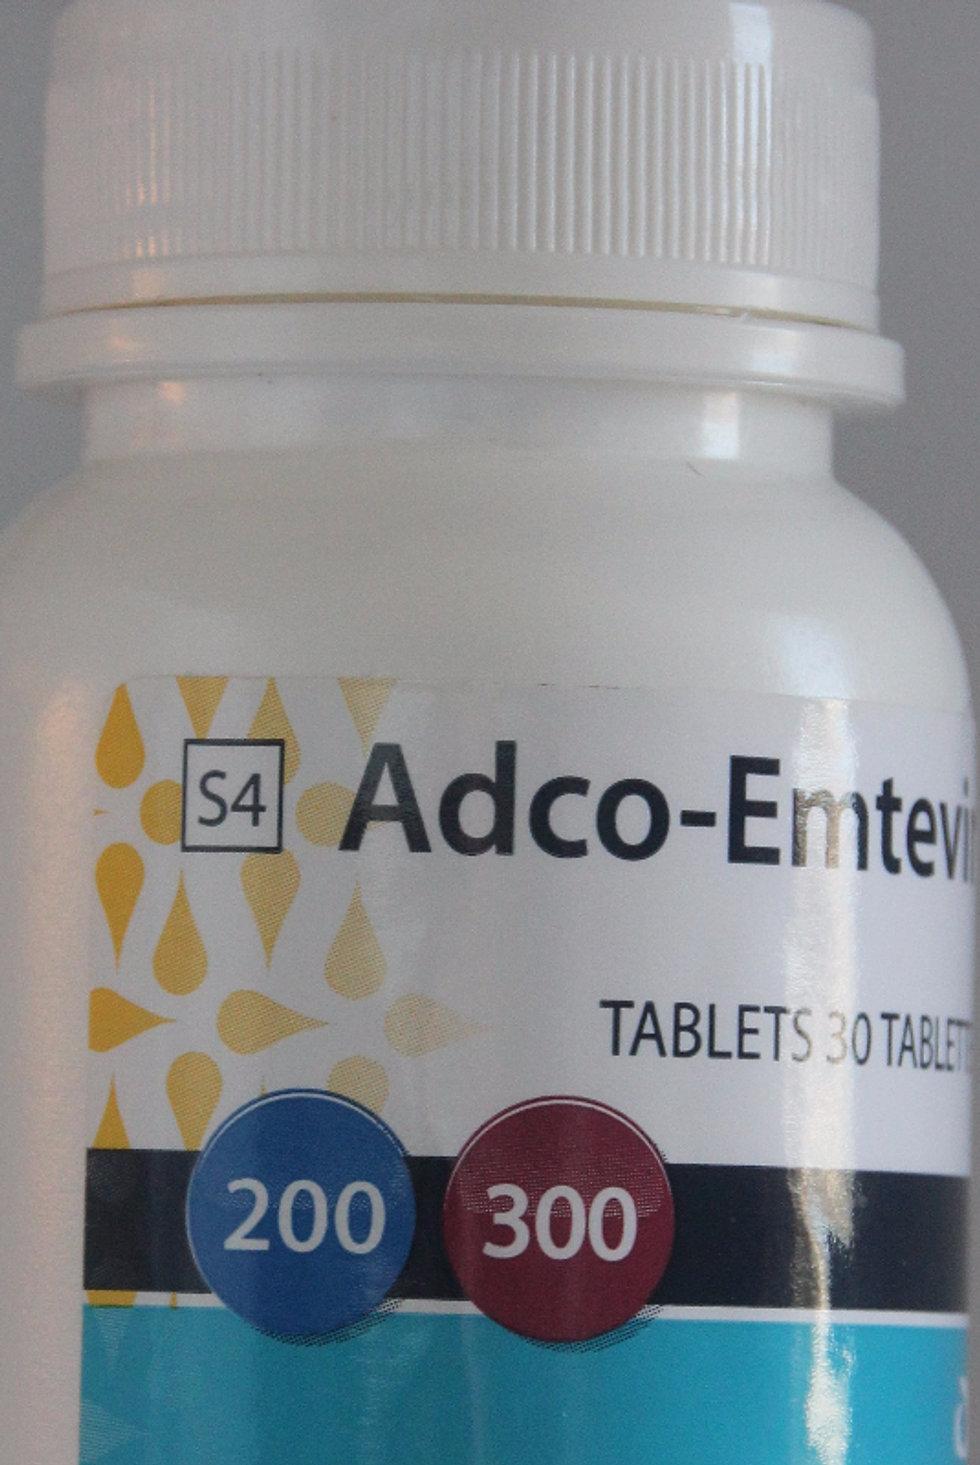 Αποτέλεσμα εικόνας για ADCO EMTEVIR